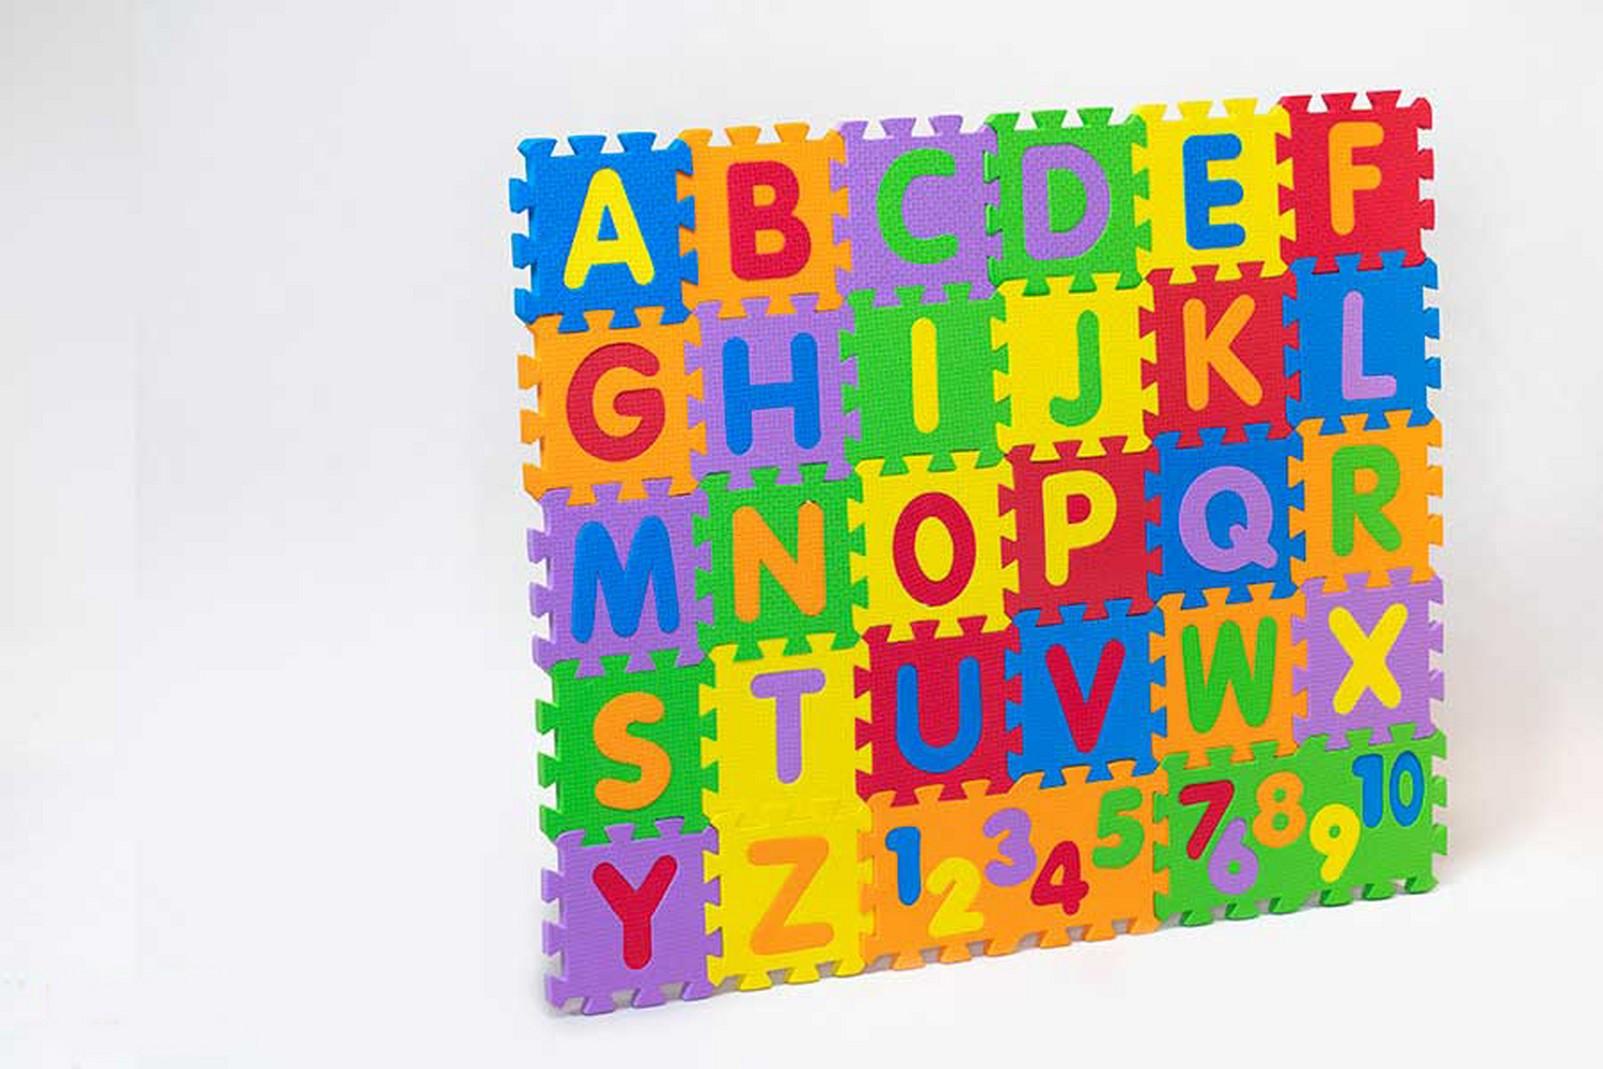 كفپوش-حروف-و-اعداد-انگليسي-10-10-(فكرآفرين)-جعبه-اي-فومي